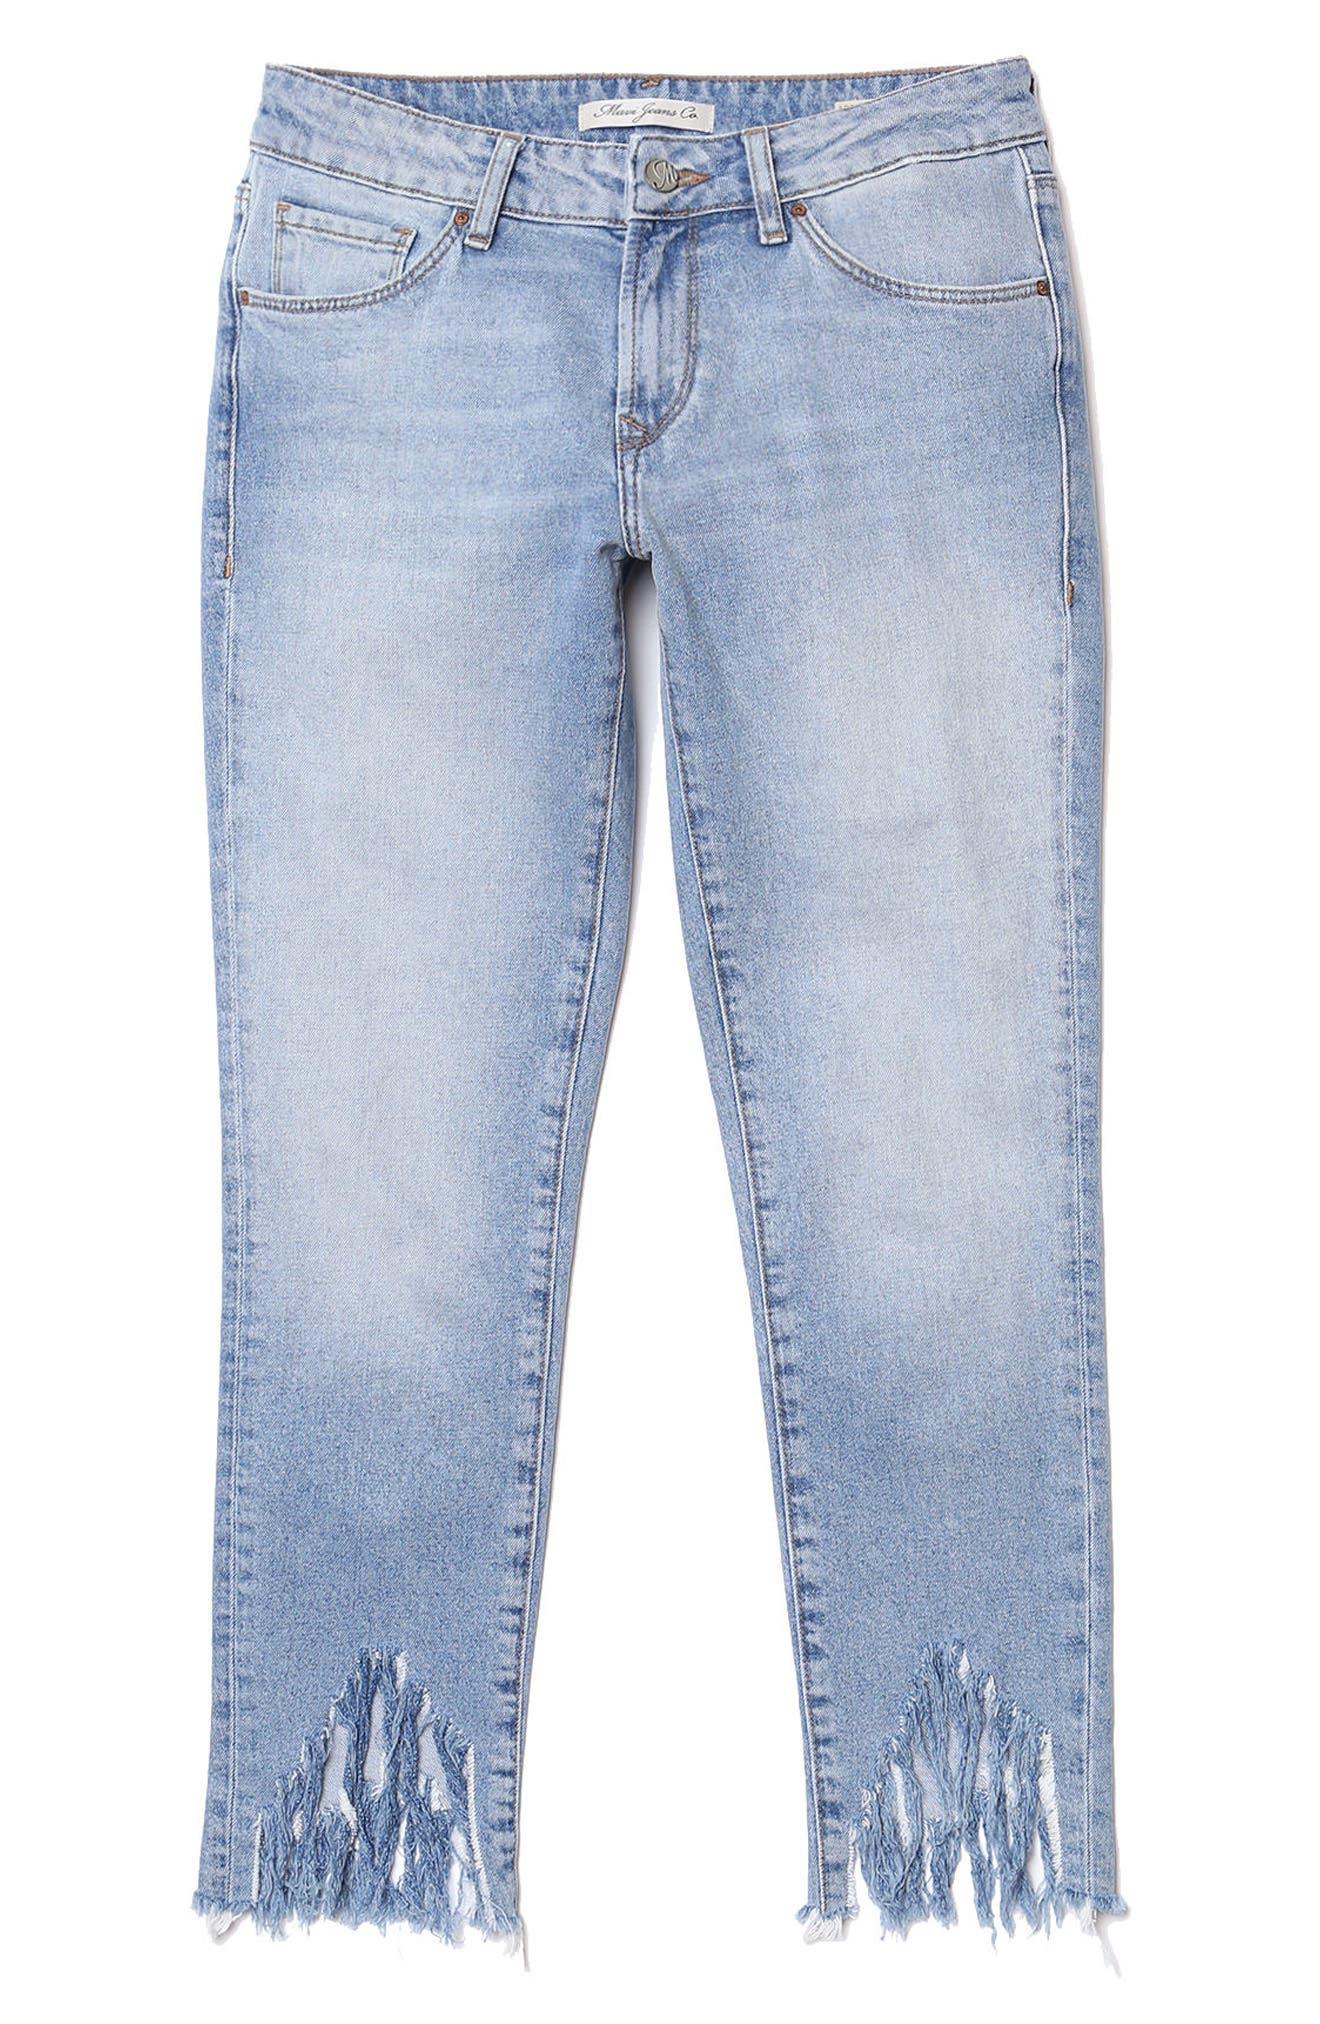 Adriana Sharkbite Fringe Super Skinny Jeans,                             Alternate thumbnail 4, color,                             Light Fringe 90S